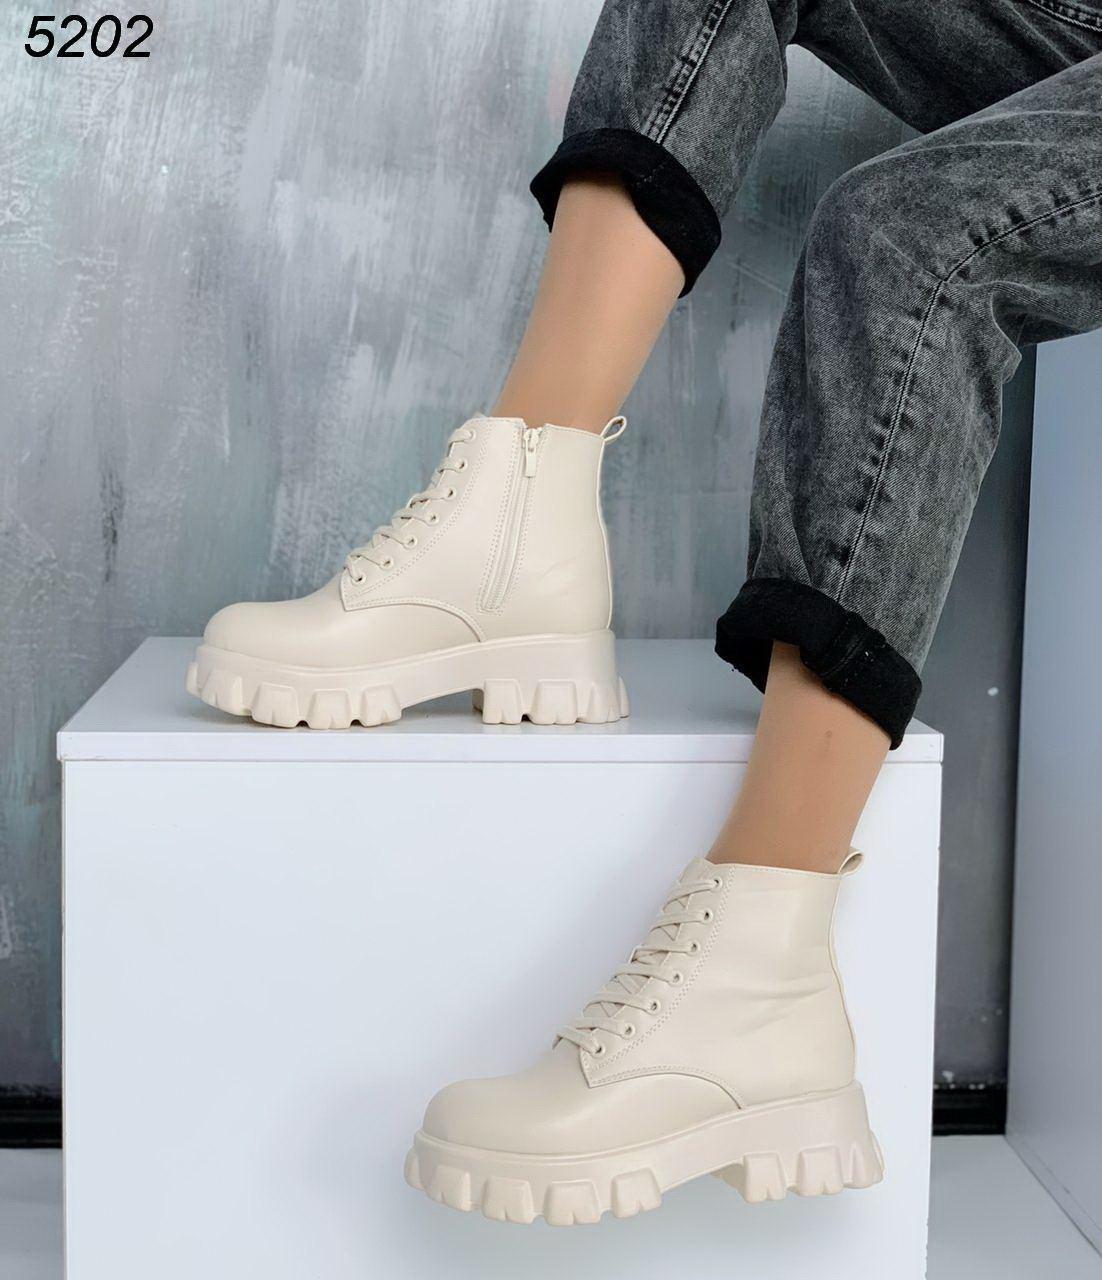 Демисезонные бежевые женские ботинки на флисе из экокожи со шнуровкой BO5202